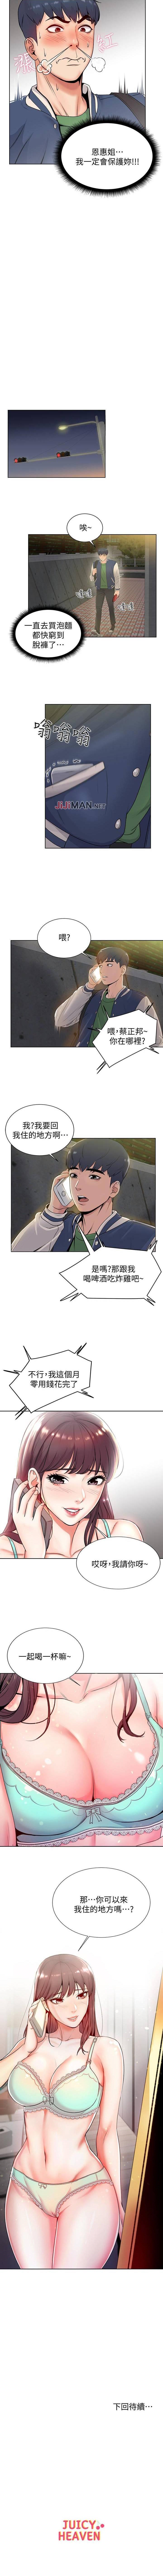 【周三连载】超市的漂亮姐姐(作者:北鼻&逃兵) 第1~40话 16